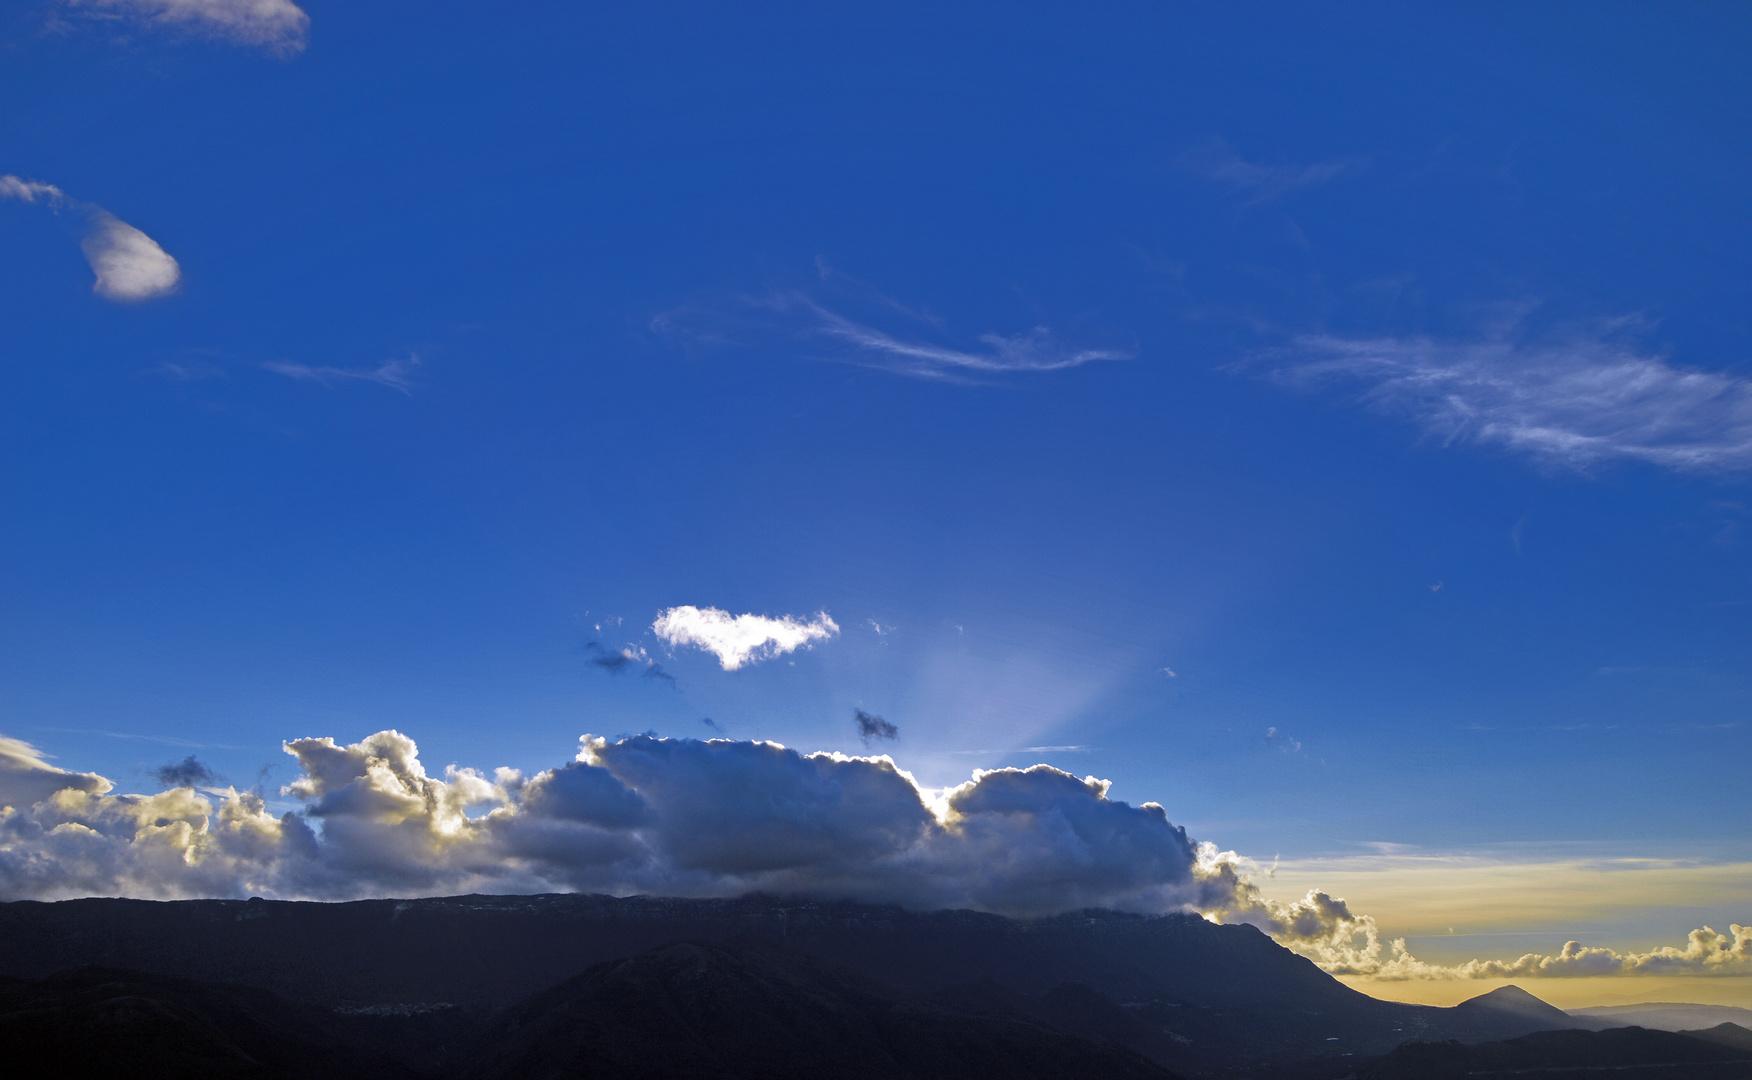 ....al tramonto, gli ultimi raggi del sole trasmettono tante emozioni...